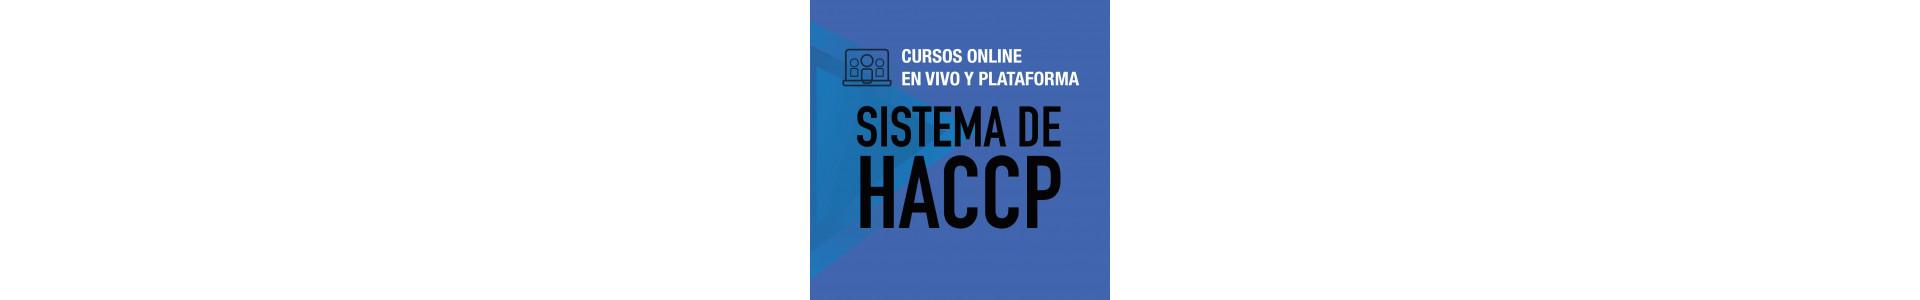 Cursos online | HACCP, sistemas de inocuidad